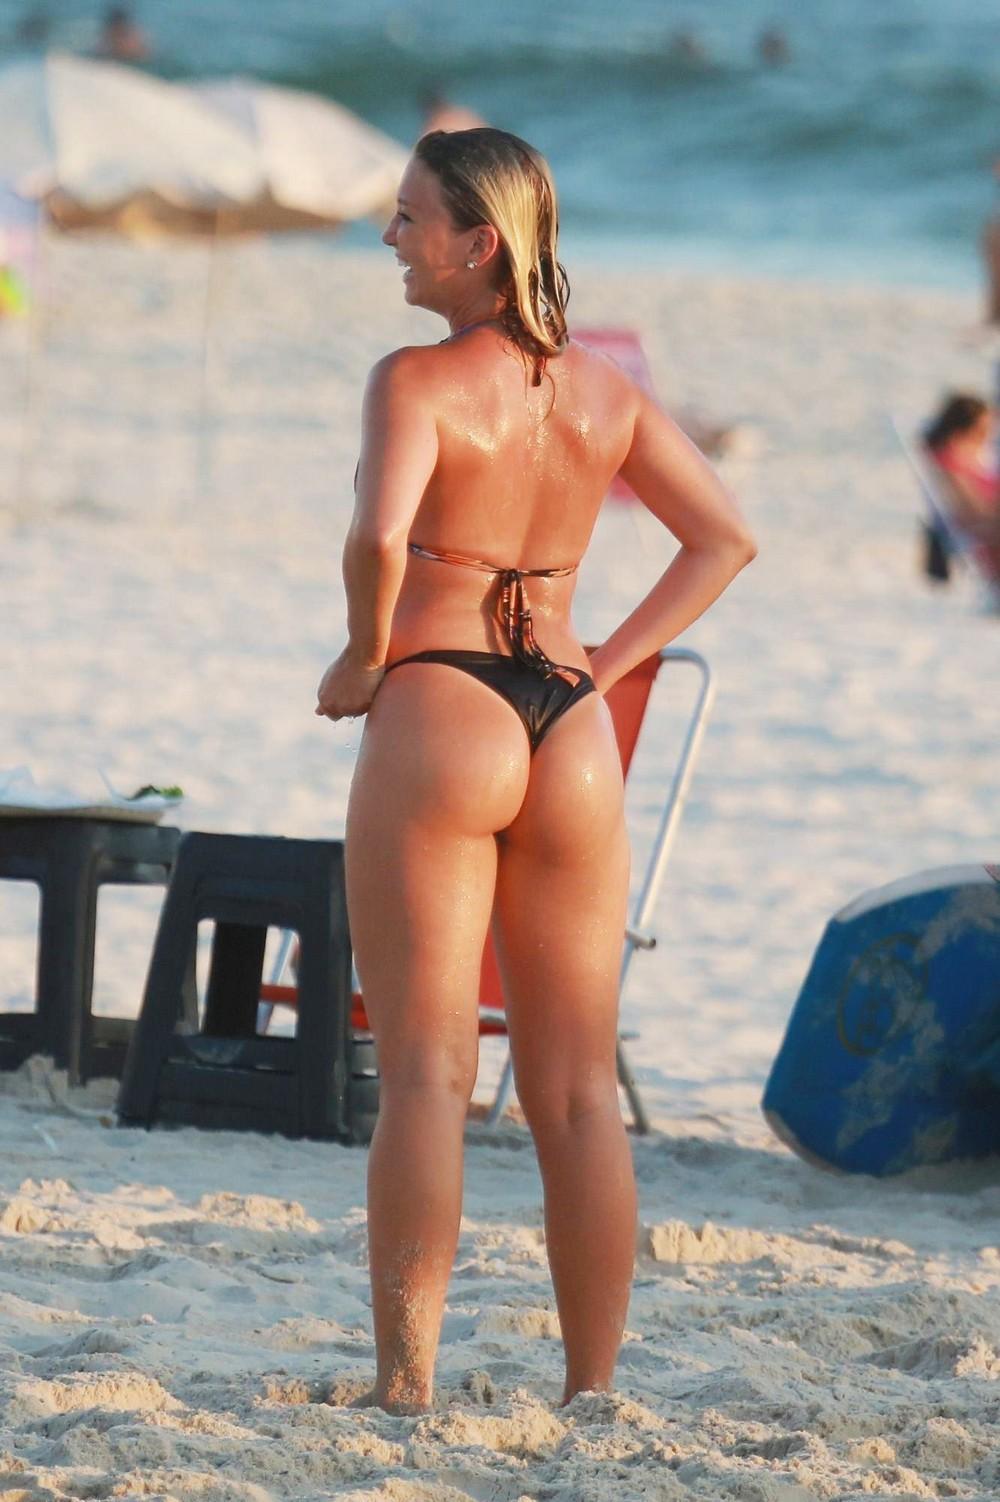 Видео жена голая на пляже думаю